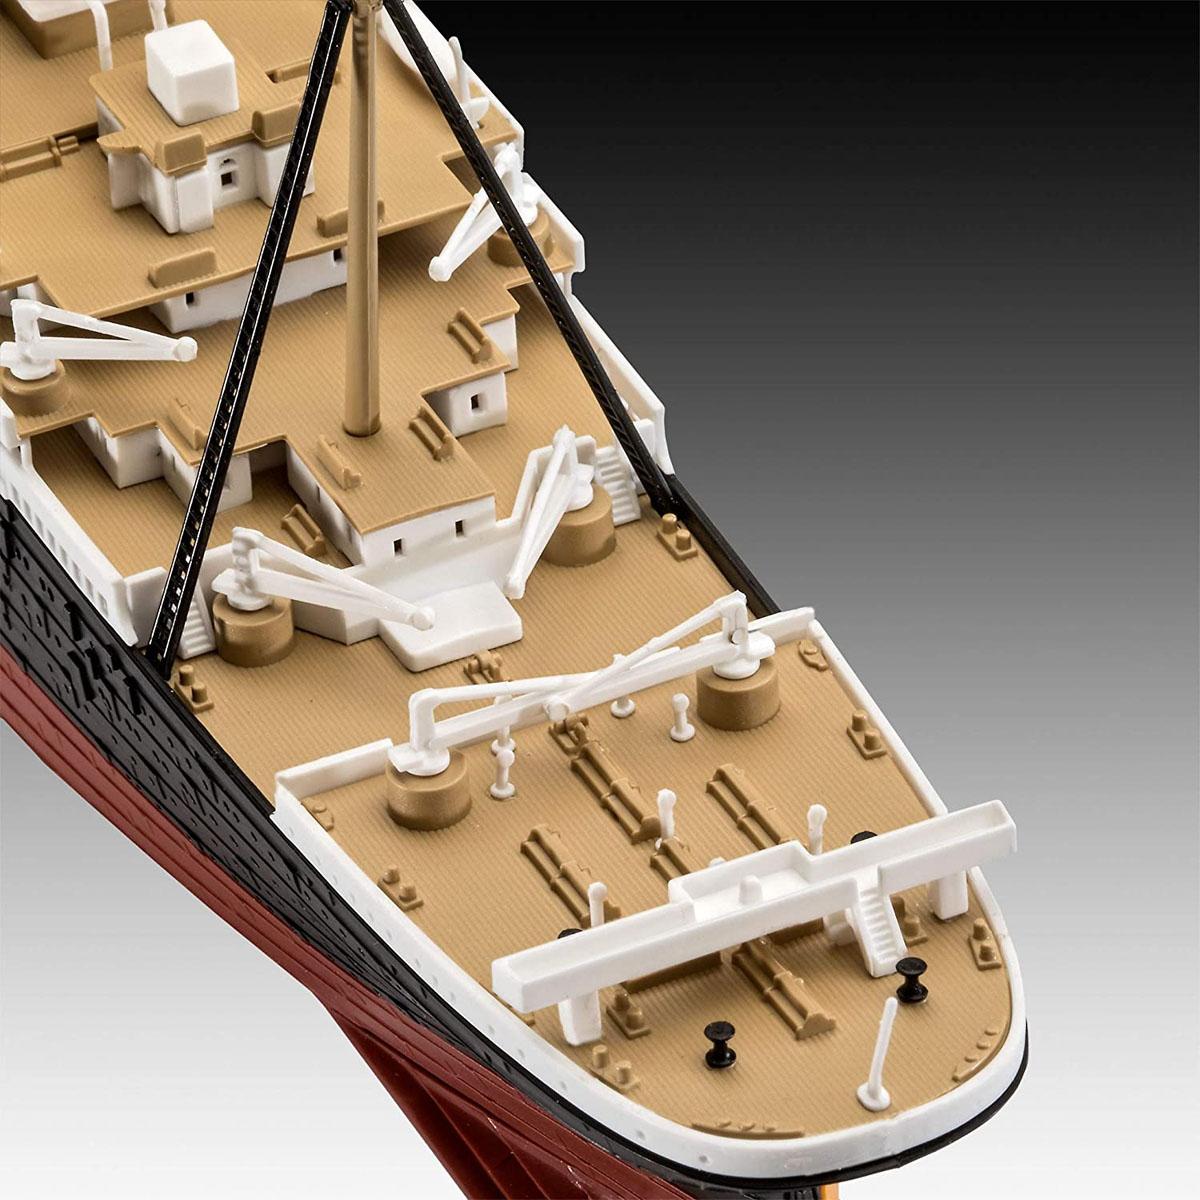 RMS Titanic + 3D Puzzle (Iceberg) - 1/600 - Revell 05599  - BLIMPS COMÉRCIO ELETRÔNICO